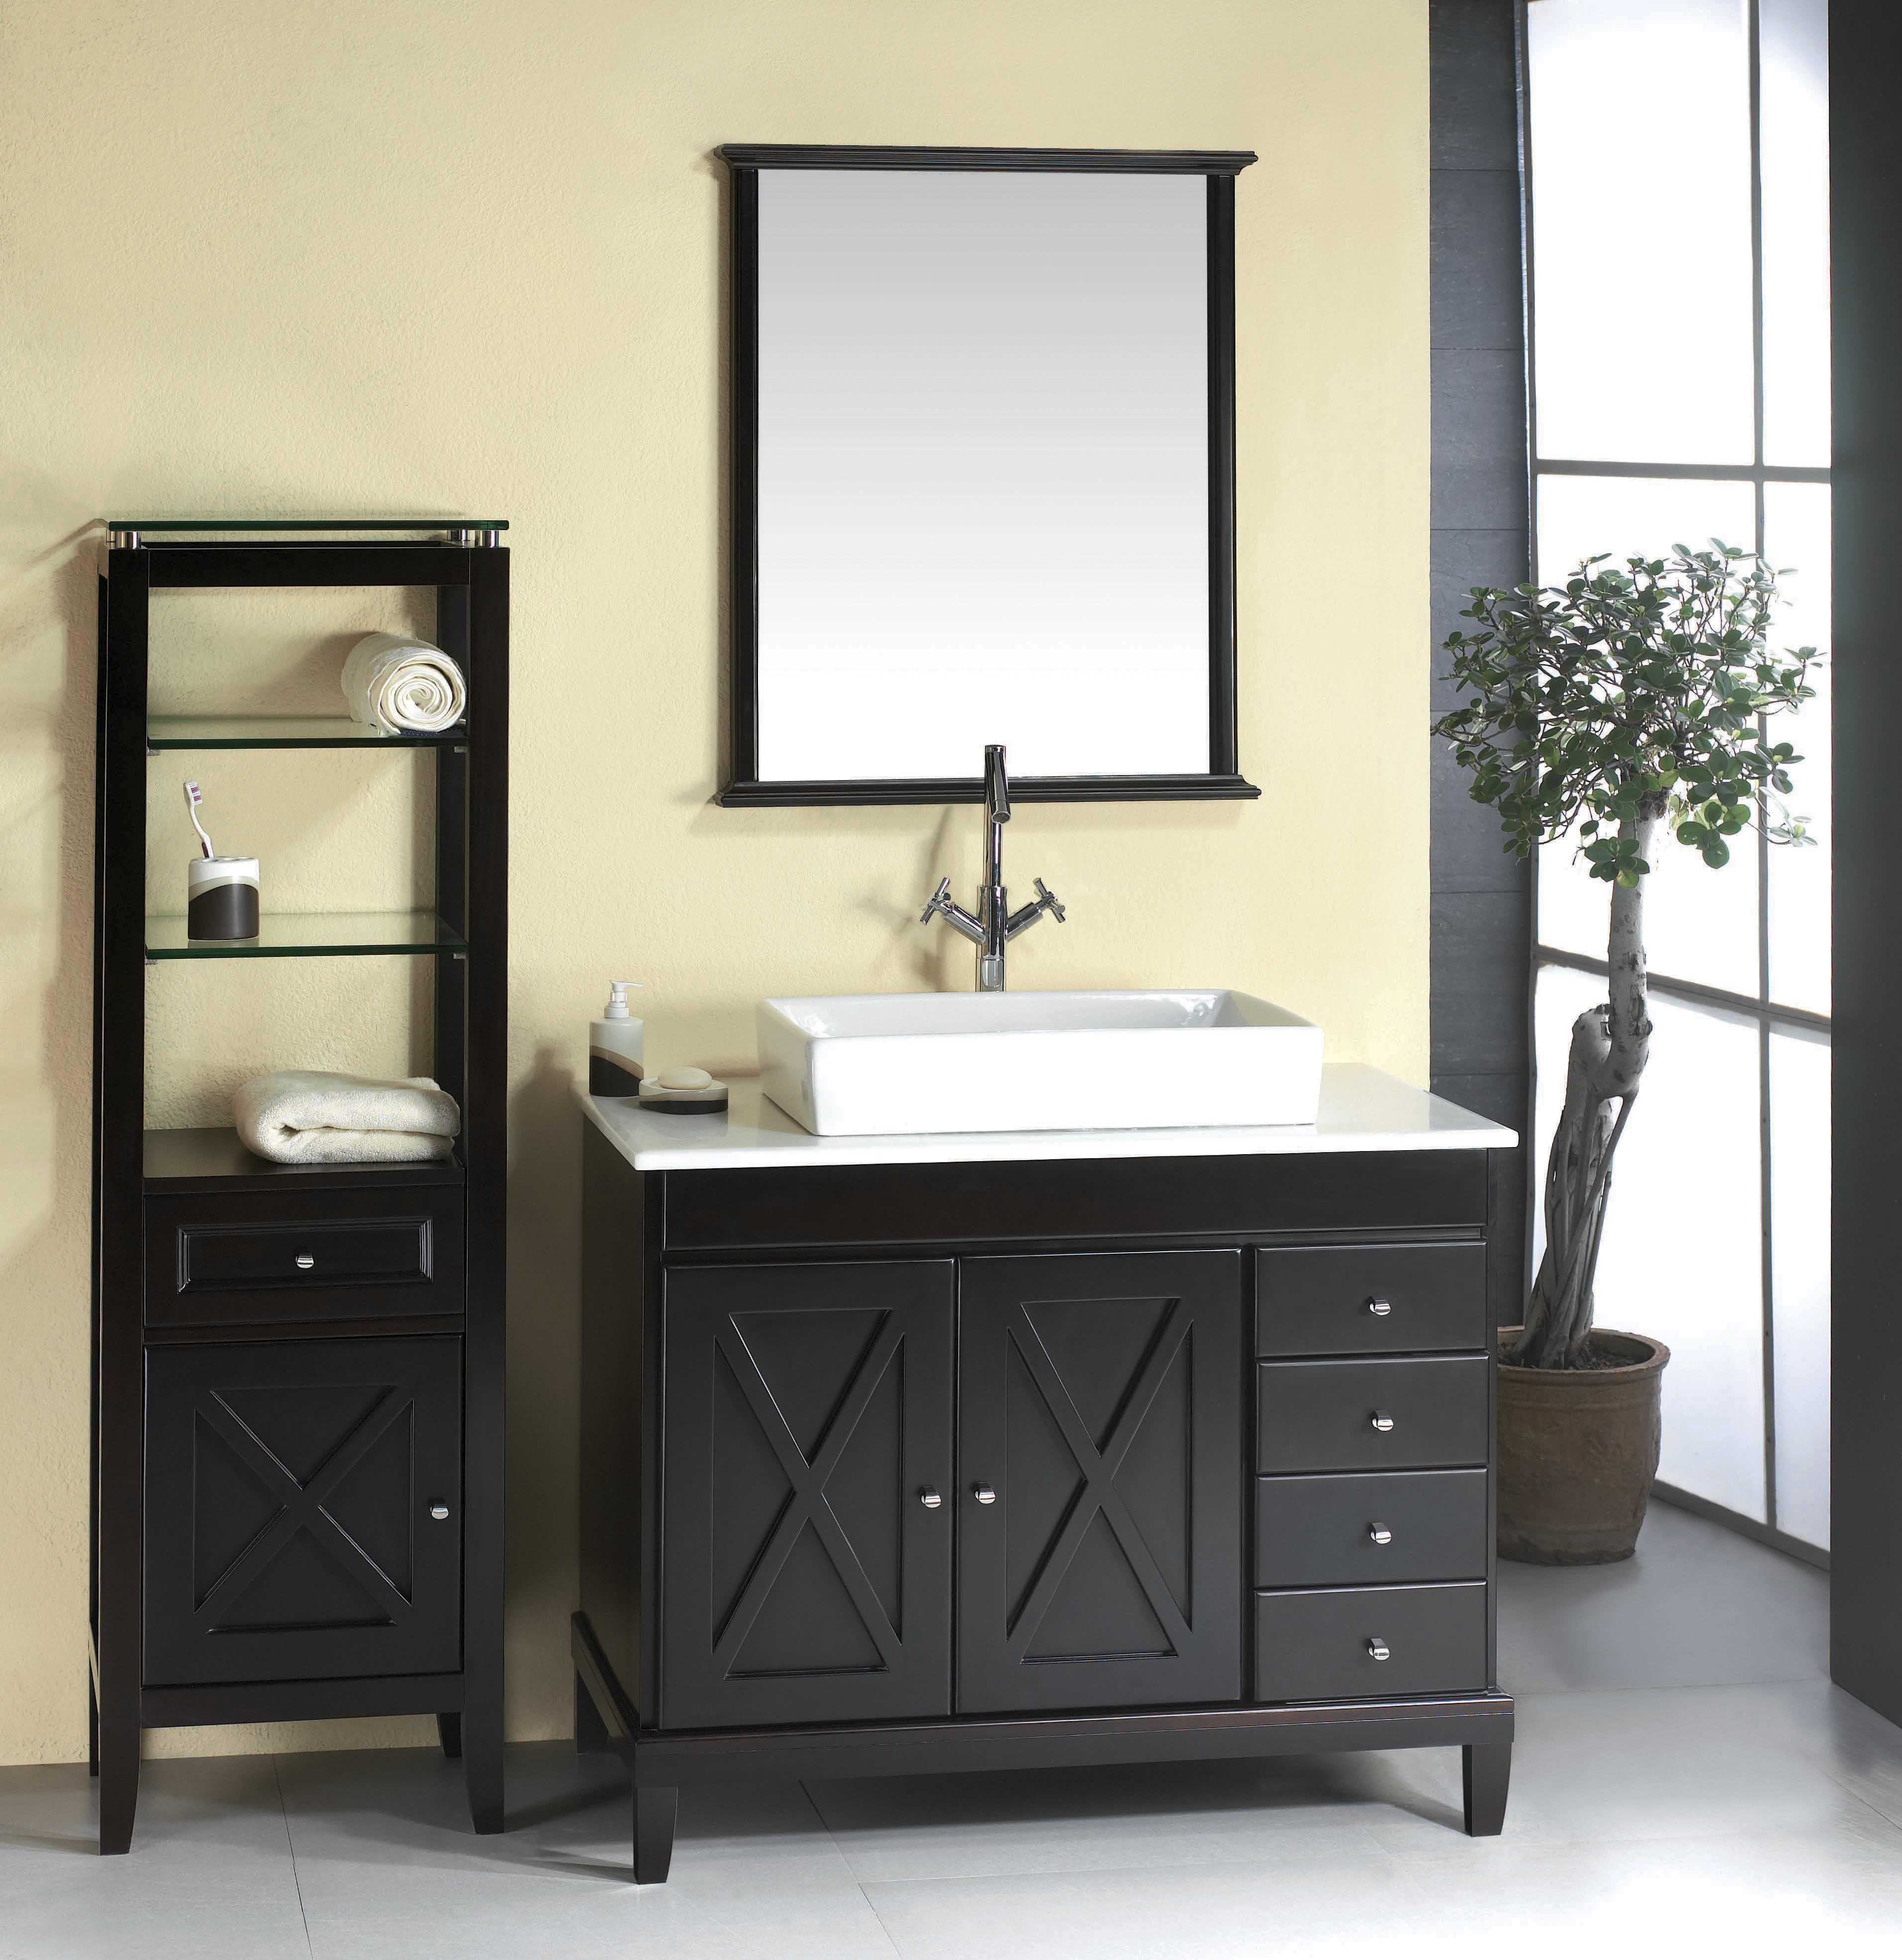 5 Dynamic Clever Hacks Retro Bathroom Remodel House Bathroom Remodel With Window Fr Cheap Bathroom Vanities Black Vanity Bathroom Inexpensive Bathroom Remodel [ 3940 x 3824 Pixel ]